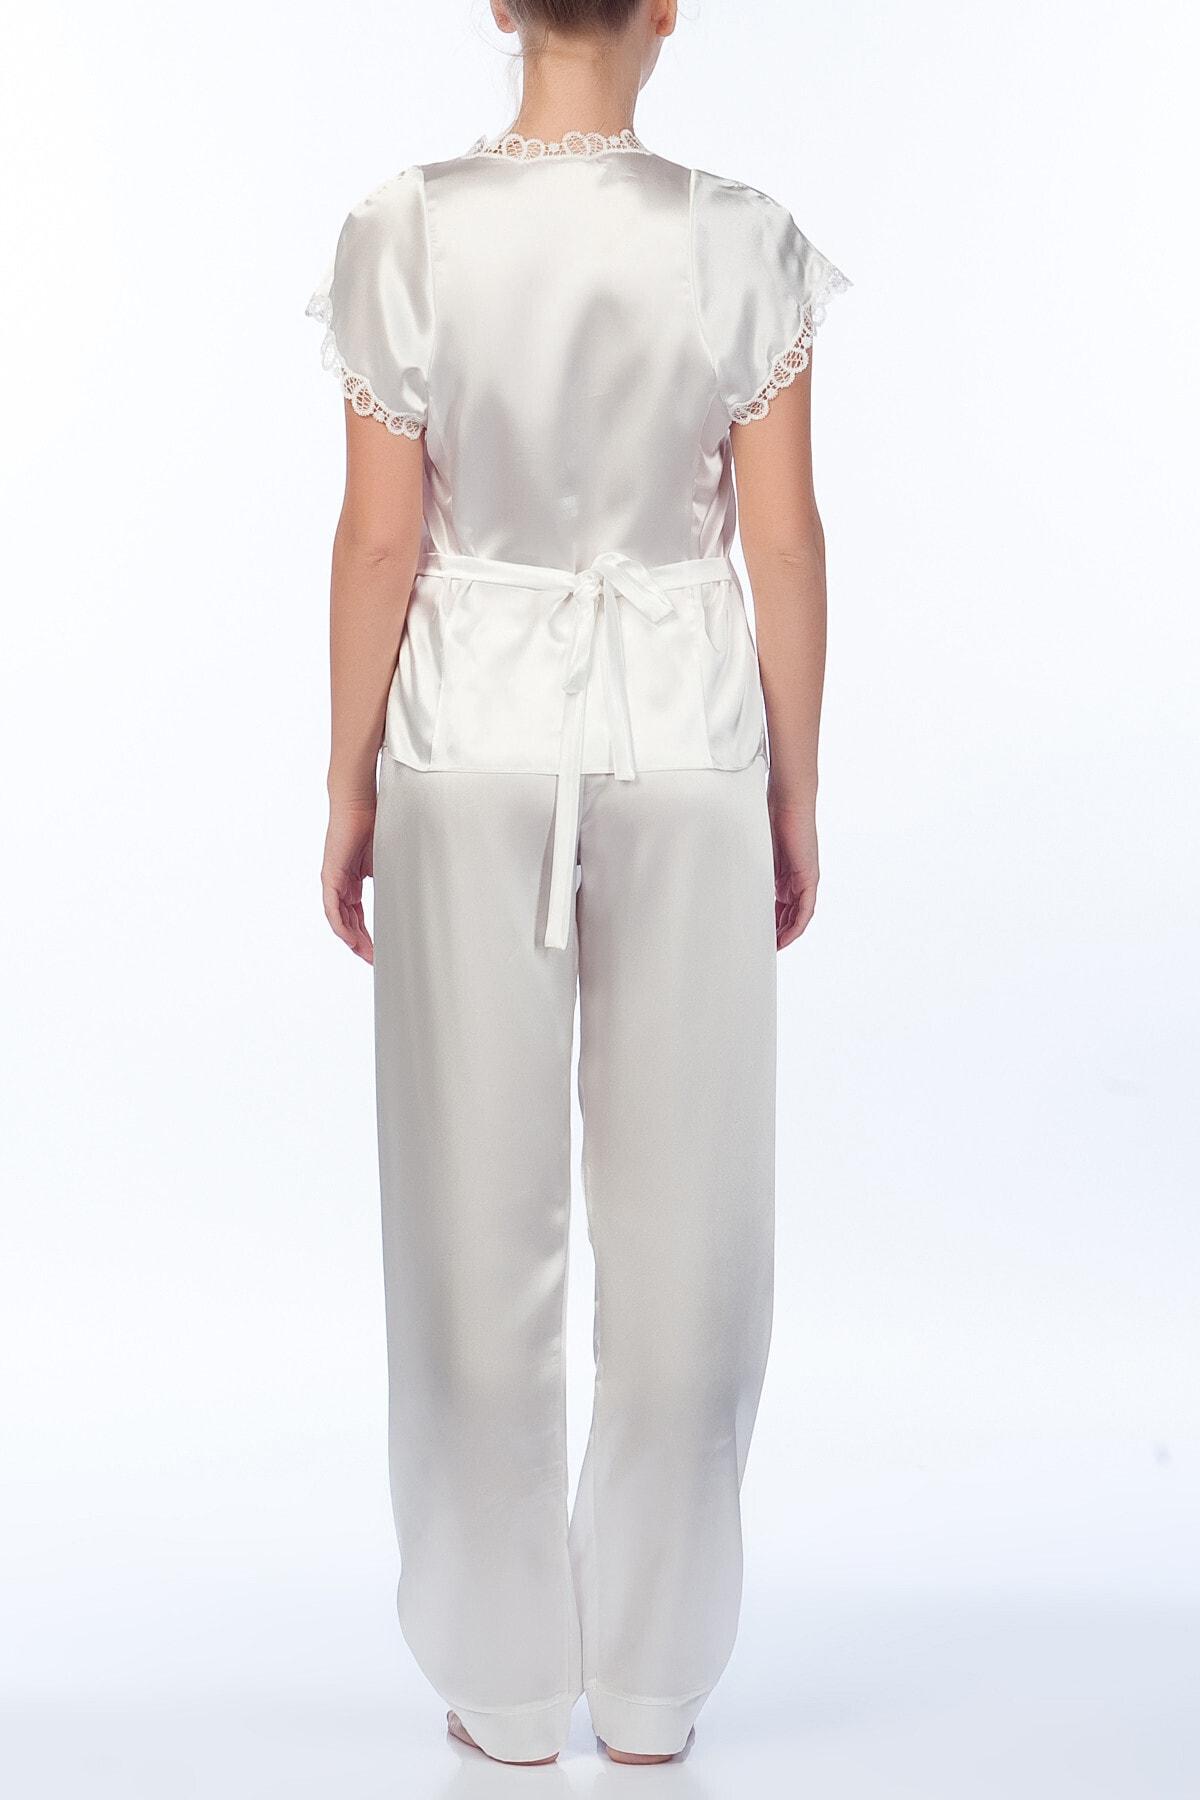 Karmen Kadın Ekru Pijama Takımı 3'lü 2